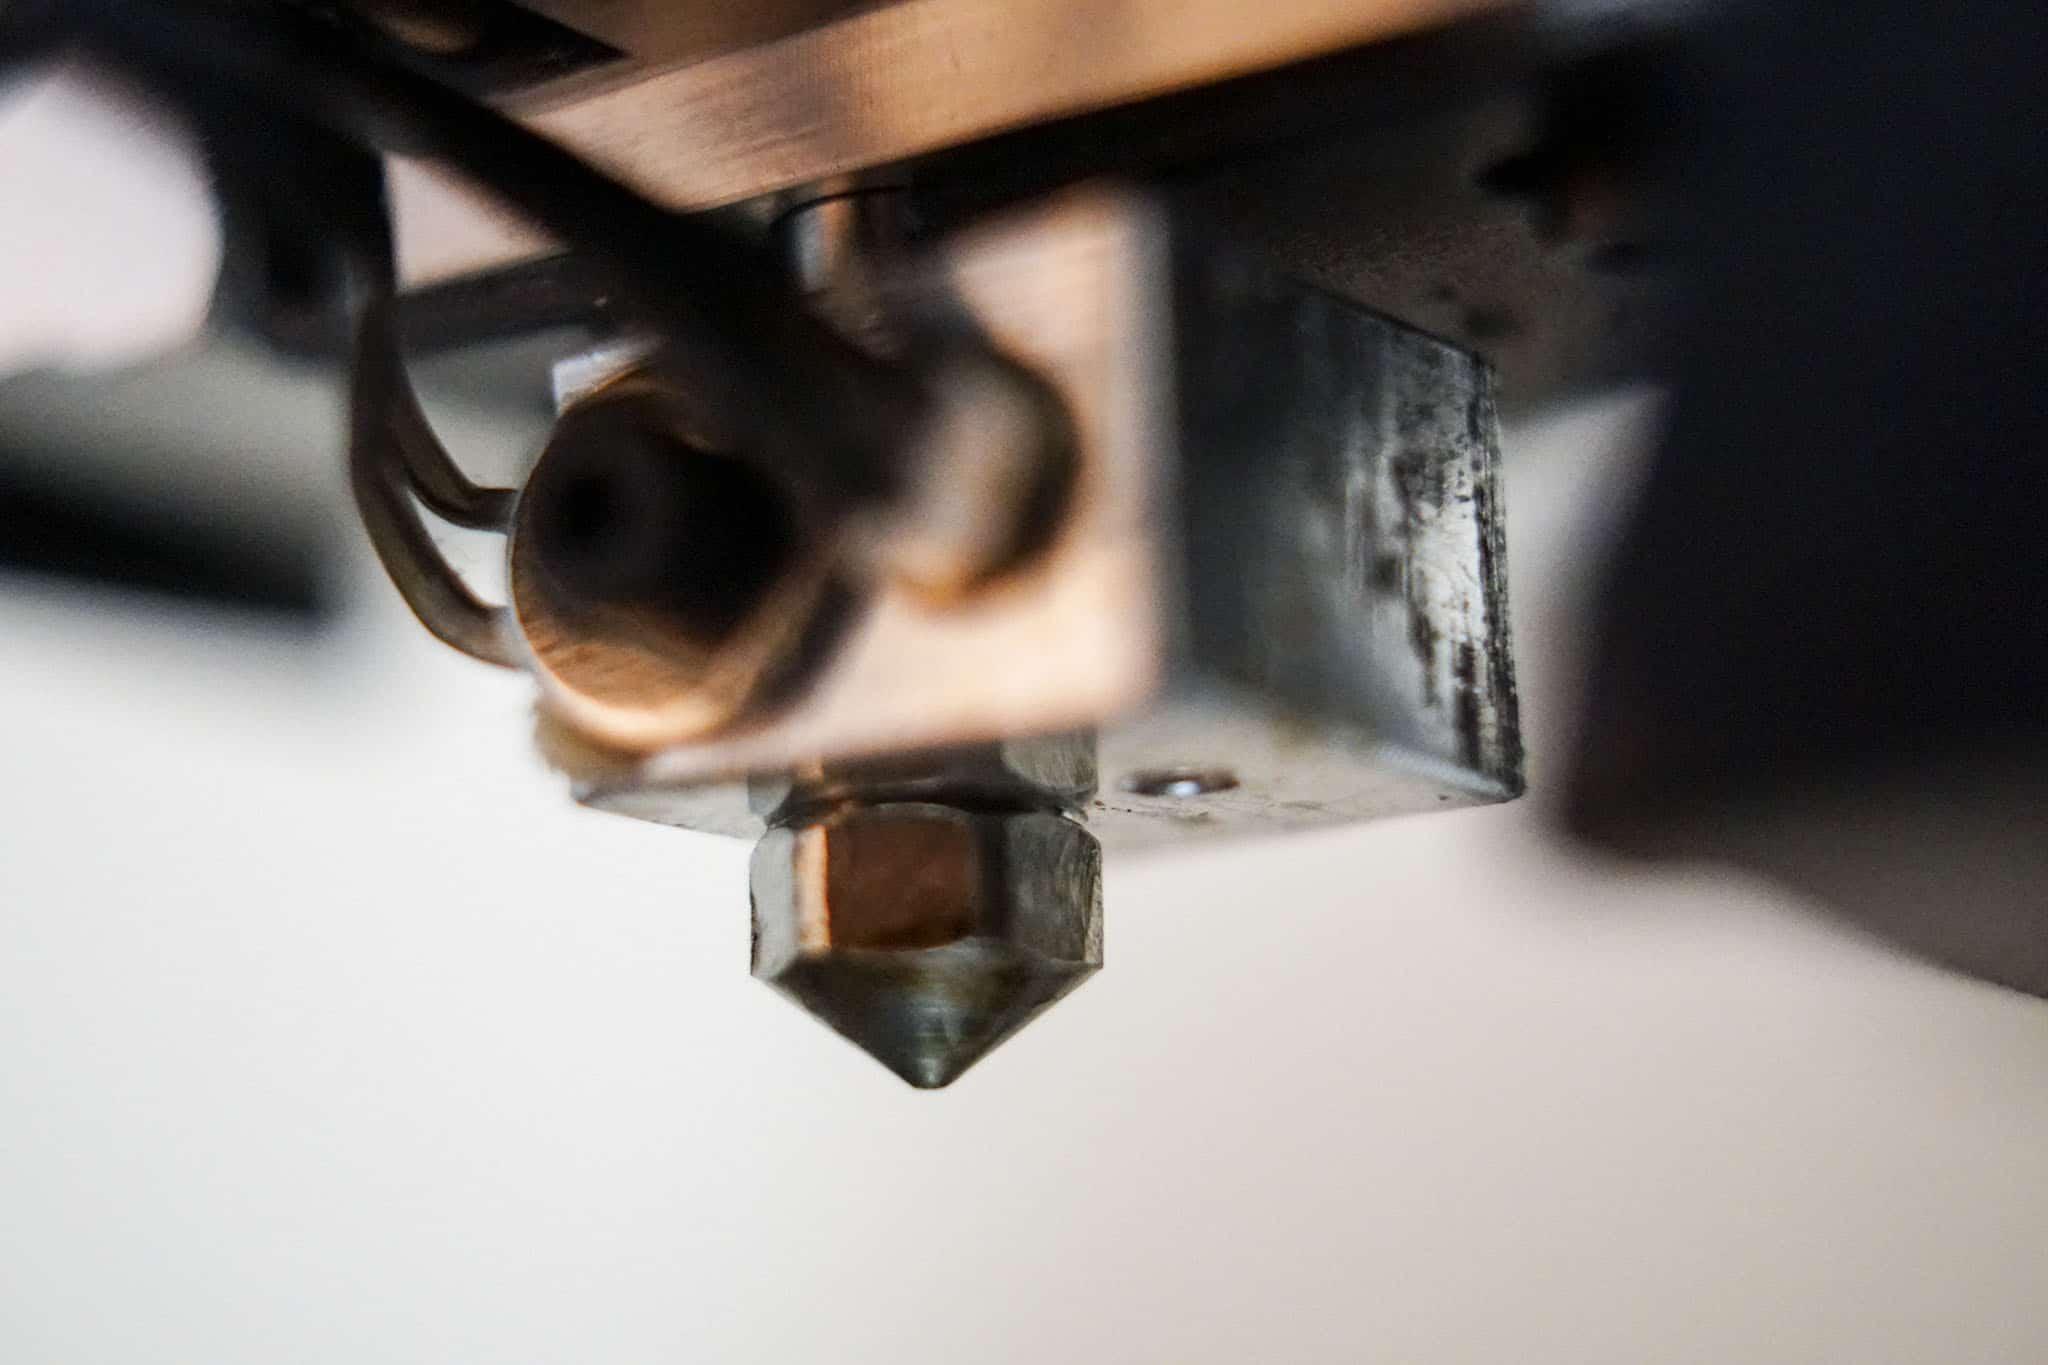 Kann die Düse eines 3D Druckers verschleißen?